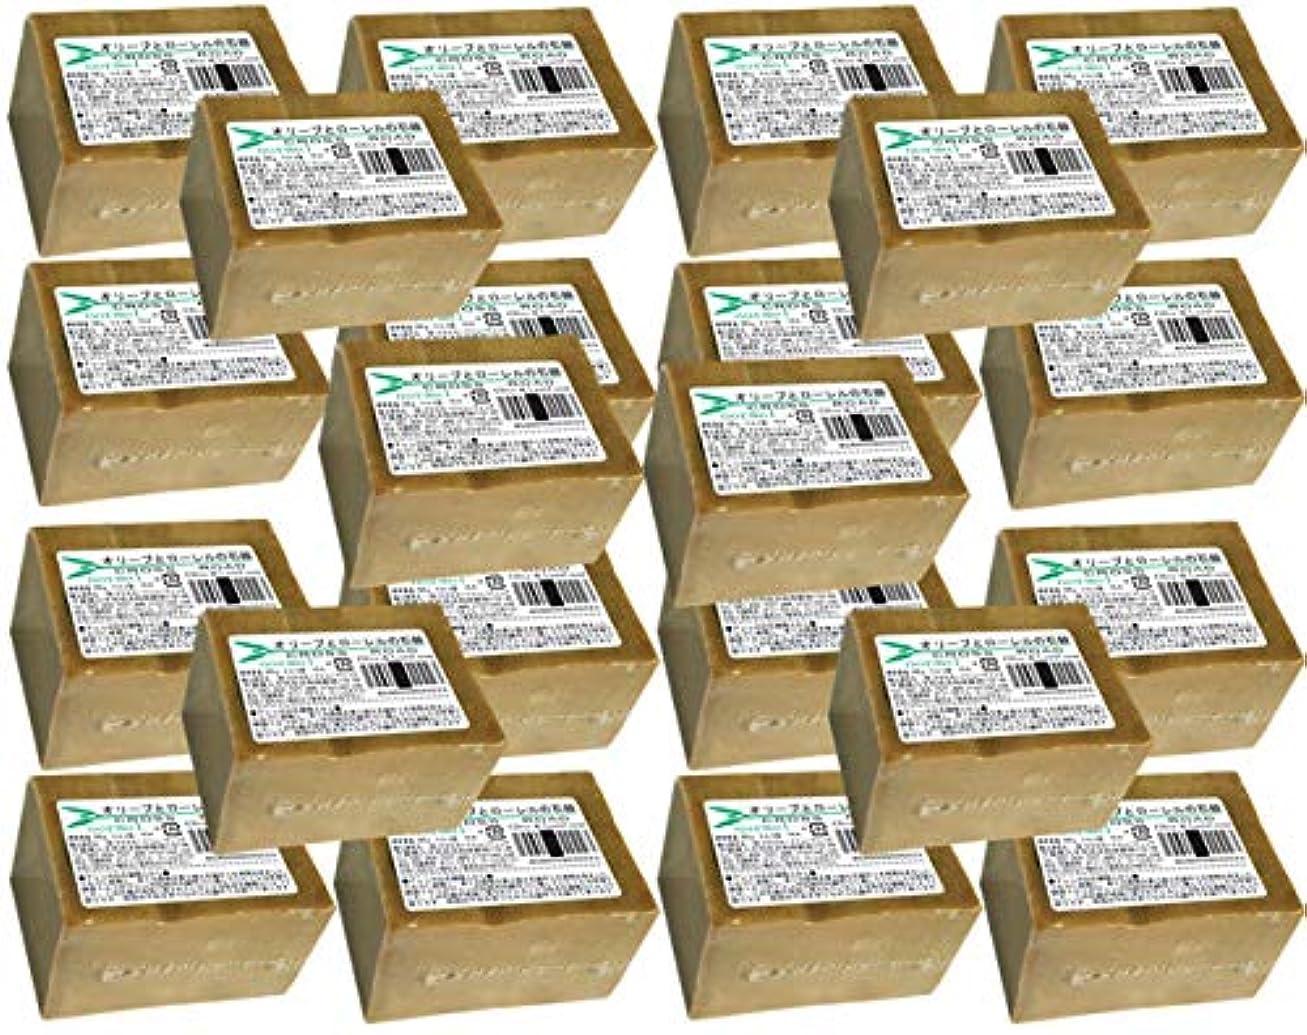 マーク黒マダムオリーブとローレルの石鹸(ノーマル)22個セット [並行輸入品]